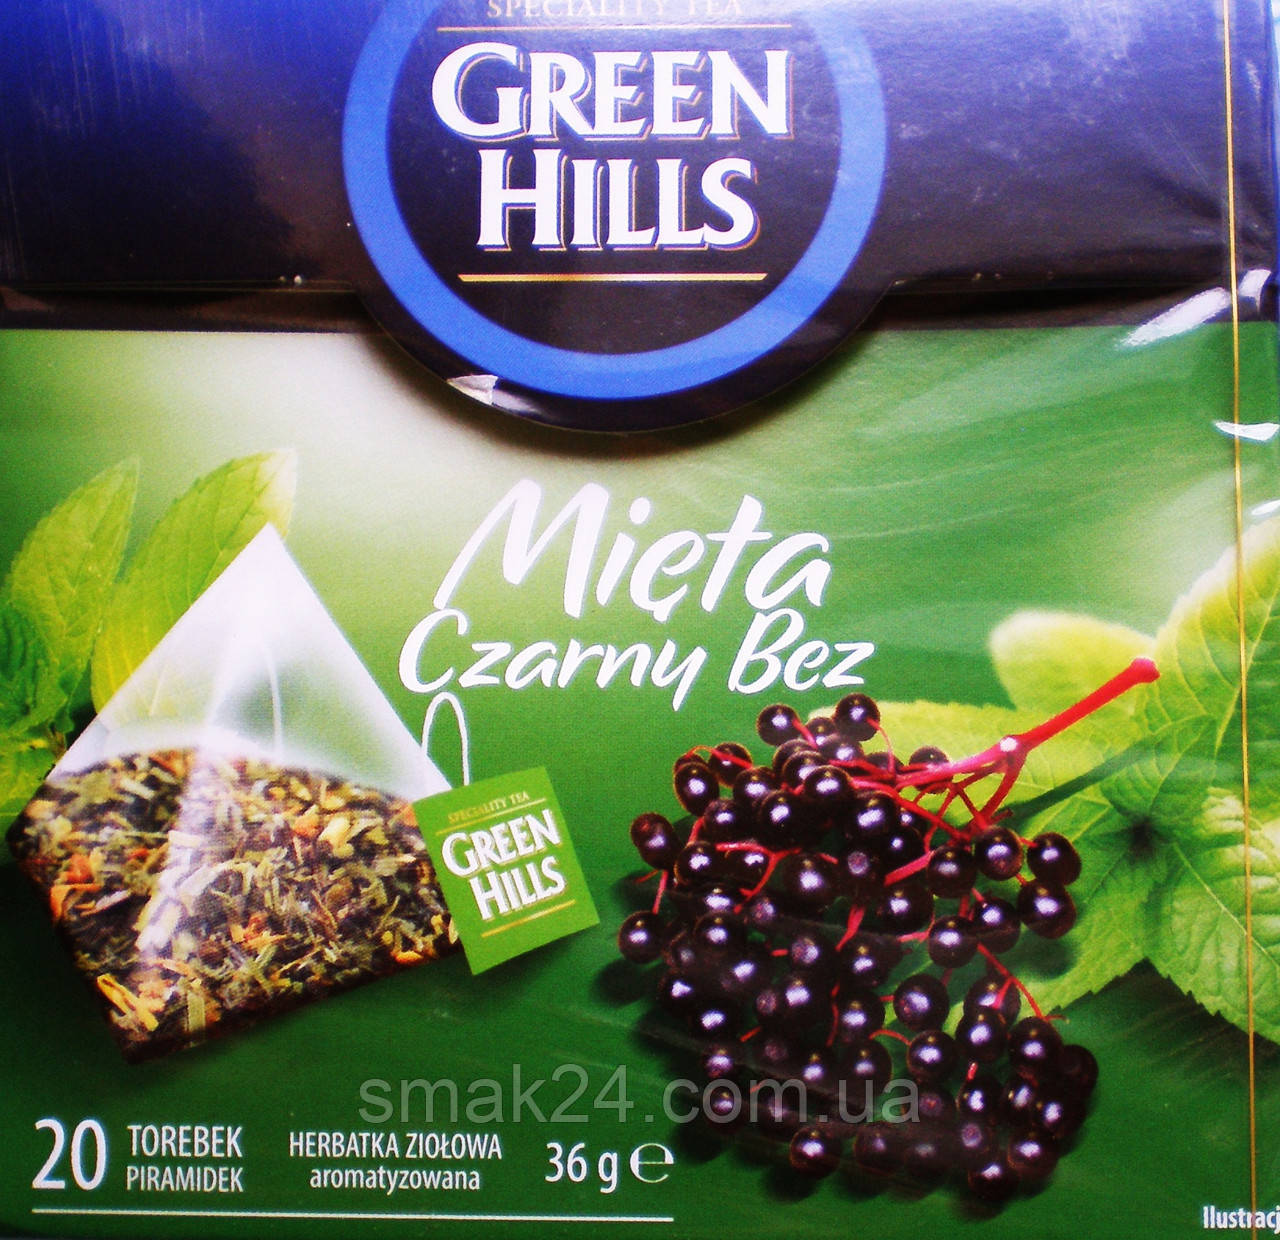 Чай  Green Hills с мятой и бузиной 20 пирамидок  Польша